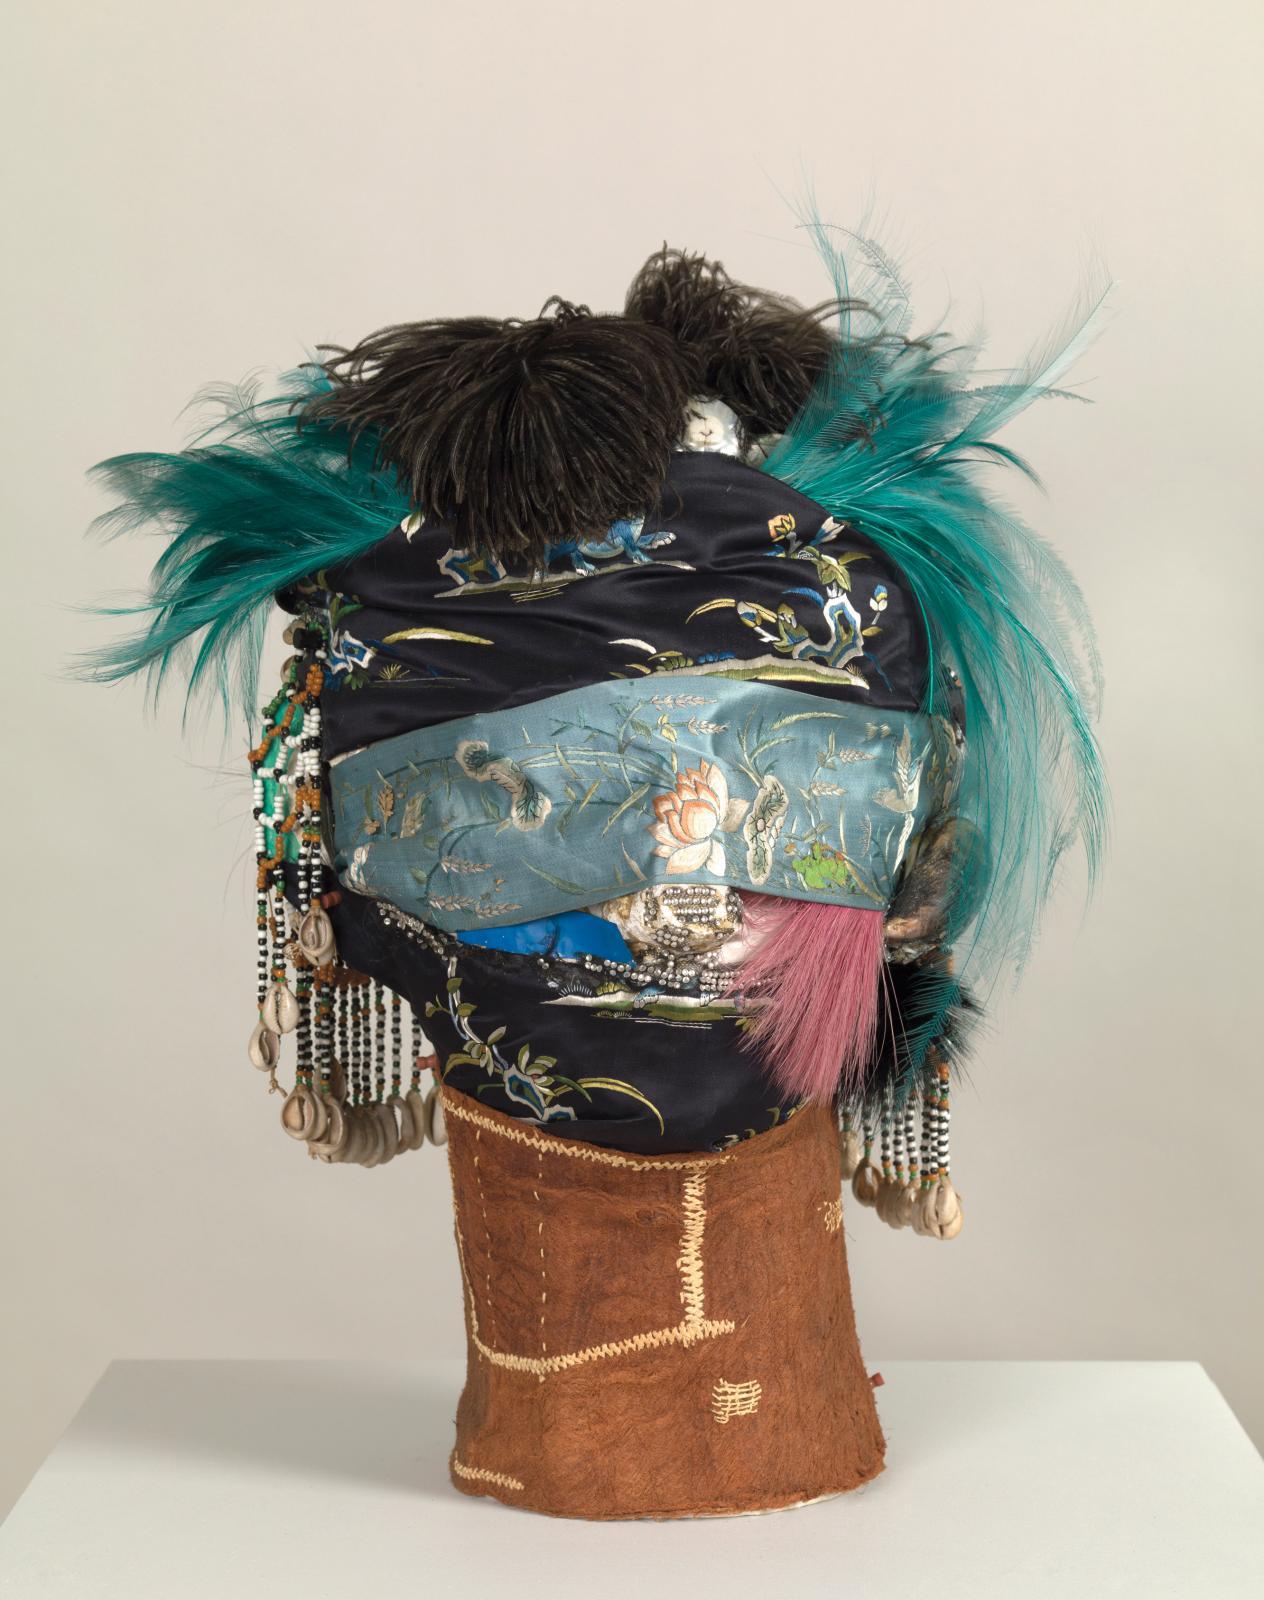 Eileen Agar, Angel of Anarchy, 1936-1940, plâtre, tissu, coquillages, pierres diamantées et autres matériaux, 570x460x317 mm. © Tate I